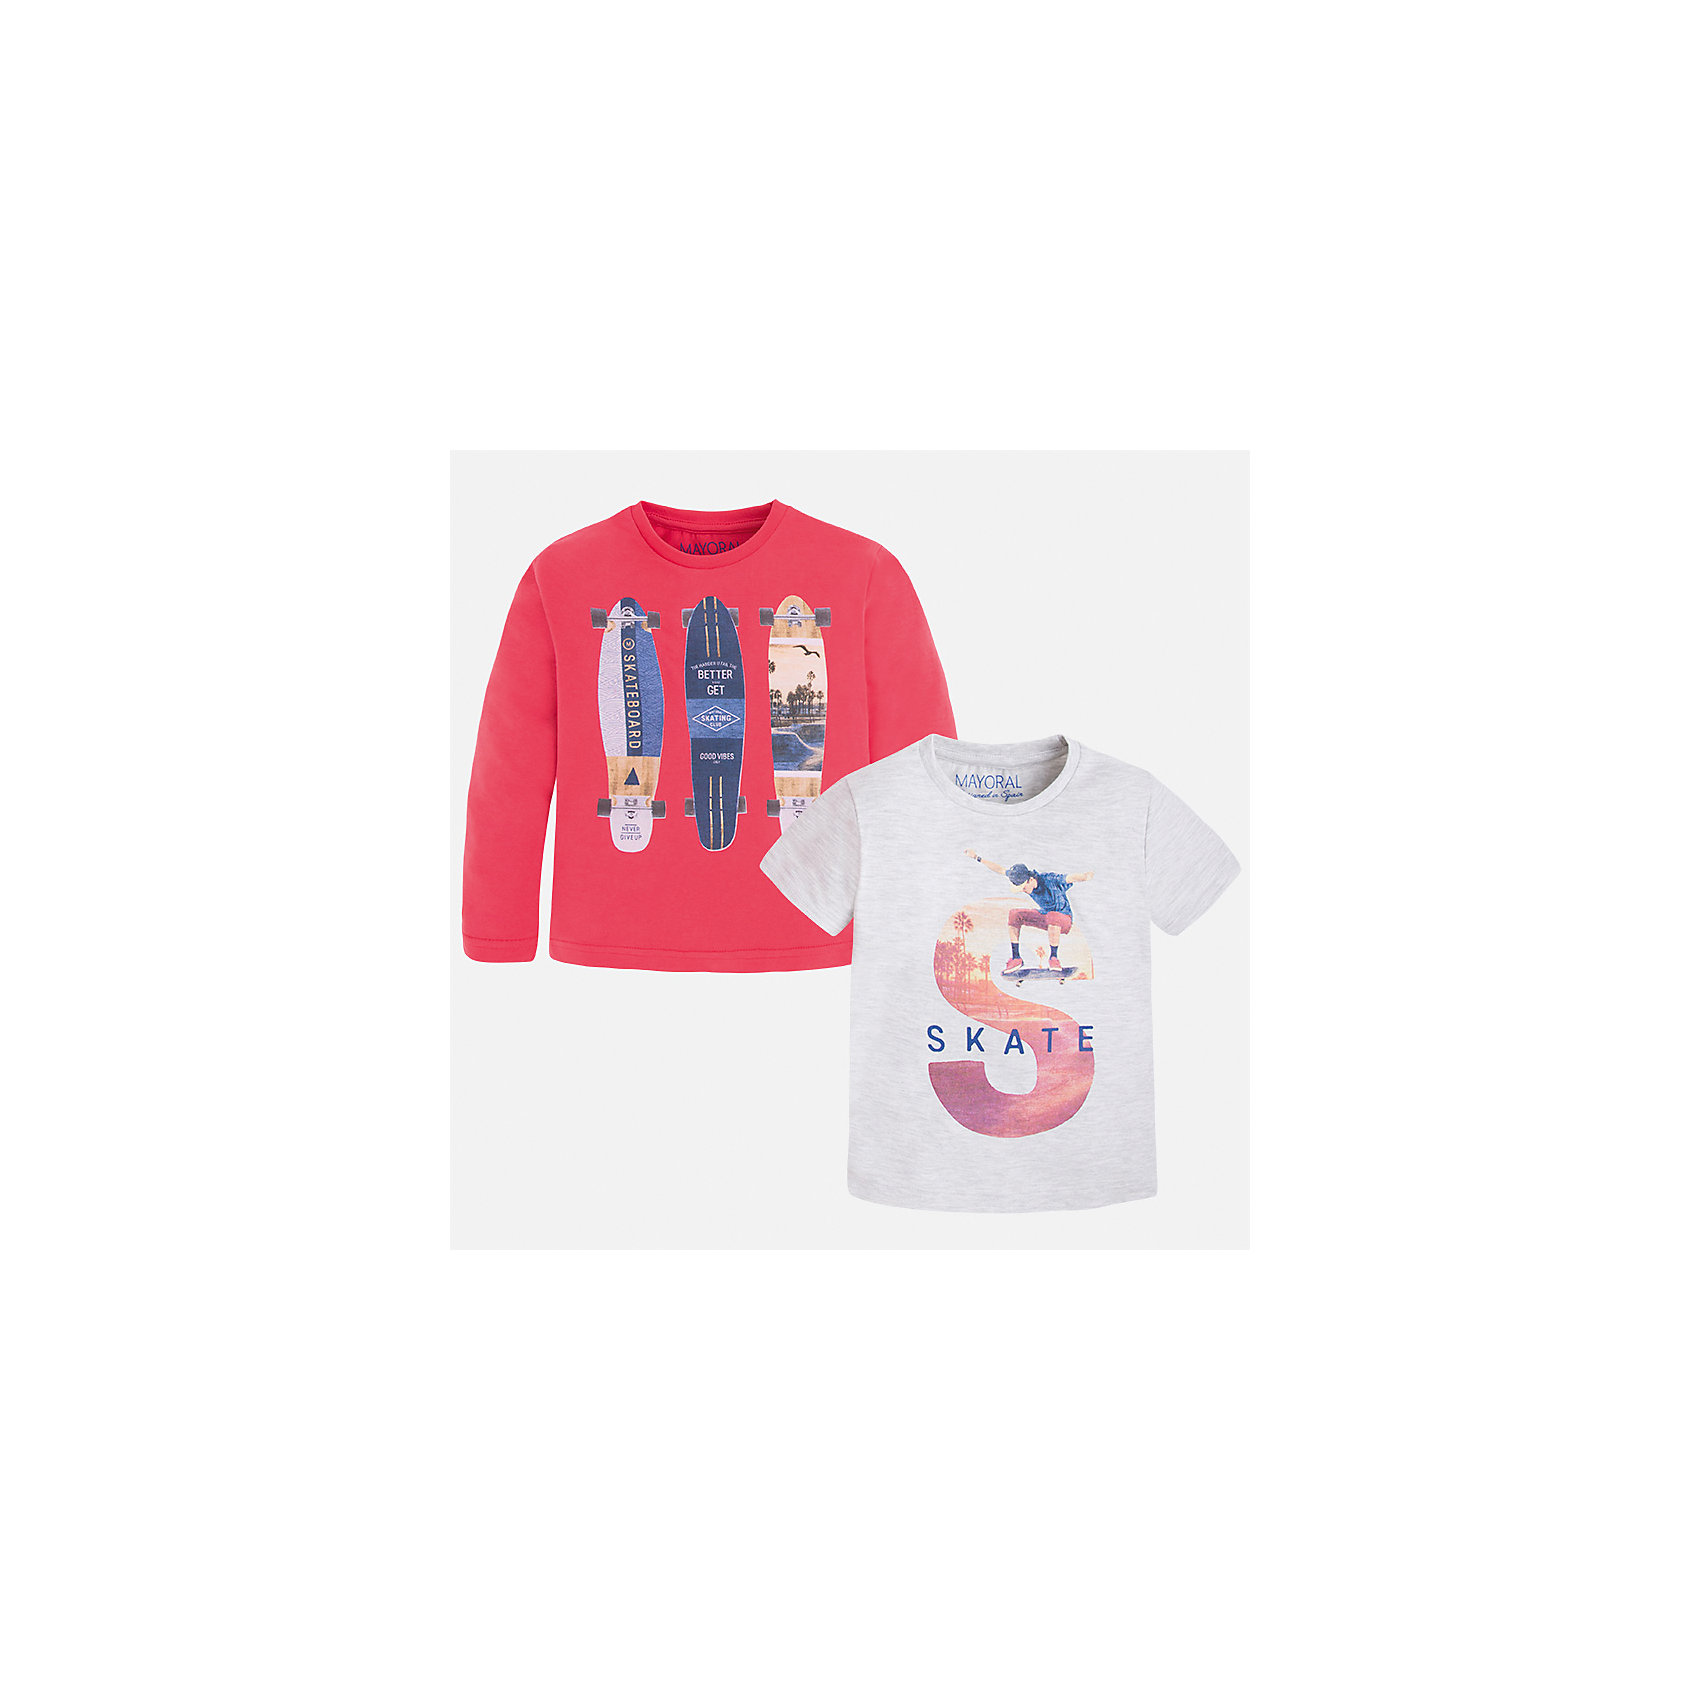 Комплект: футболка и футболка с длинным рукавом для мальчика MayoralКомплекты<br>Характеристики товара:<br><br>• цвет: красный/белый<br>• состав: лонгслив - 100% хлопок; футболка - 60% хлопок, 40% полиэстер<br>• комплектация: футболка и футболка с длинным рукавом <br>• круглый горловой вырез<br>• декорированы принтом<br>• отделка горловины<br>• страна бренда: Испания<br><br>Удобная модная футболка с принтом поможет разнообразить гардероб мальчика. Она отлично сочетается с брюками, шортами, джинсами. Универсальный крой и цвет позволяет подобрать к вещи низ разных расцветок. Практичное и стильное изделие! Хорошо смотрится и комфортно сидит на детях. В составе материала - только натуральный хлопок, гипоаллергенный, приятный на ощупь, дышащий. В комплекте - сразу две стильные вещи!<br><br>Одежда, обувь и аксессуары от испанского бренда Mayoral полюбились детям и взрослым по всему миру. Модели этой марки - стильные и удобные. Для их производства используются только безопасные, качественные материалы и фурнитура. Порадуйте ребенка модными и красивыми вещами от Mayoral! <br><br>Комплект: футболка и футболка с длинным рукавом для мальчика от испанского бренда Mayoral (Майорал) можно купить в нашем интернет-магазине.<br><br>Ширина мм: 199<br>Глубина мм: 10<br>Высота мм: 161<br>Вес г: 151<br>Цвет: красный<br>Возраст от месяцев: 96<br>Возраст до месяцев: 108<br>Пол: Мужской<br>Возраст: Детский<br>Размер: 98,92,116,134,128,122,110,104<br>SKU: 5280255